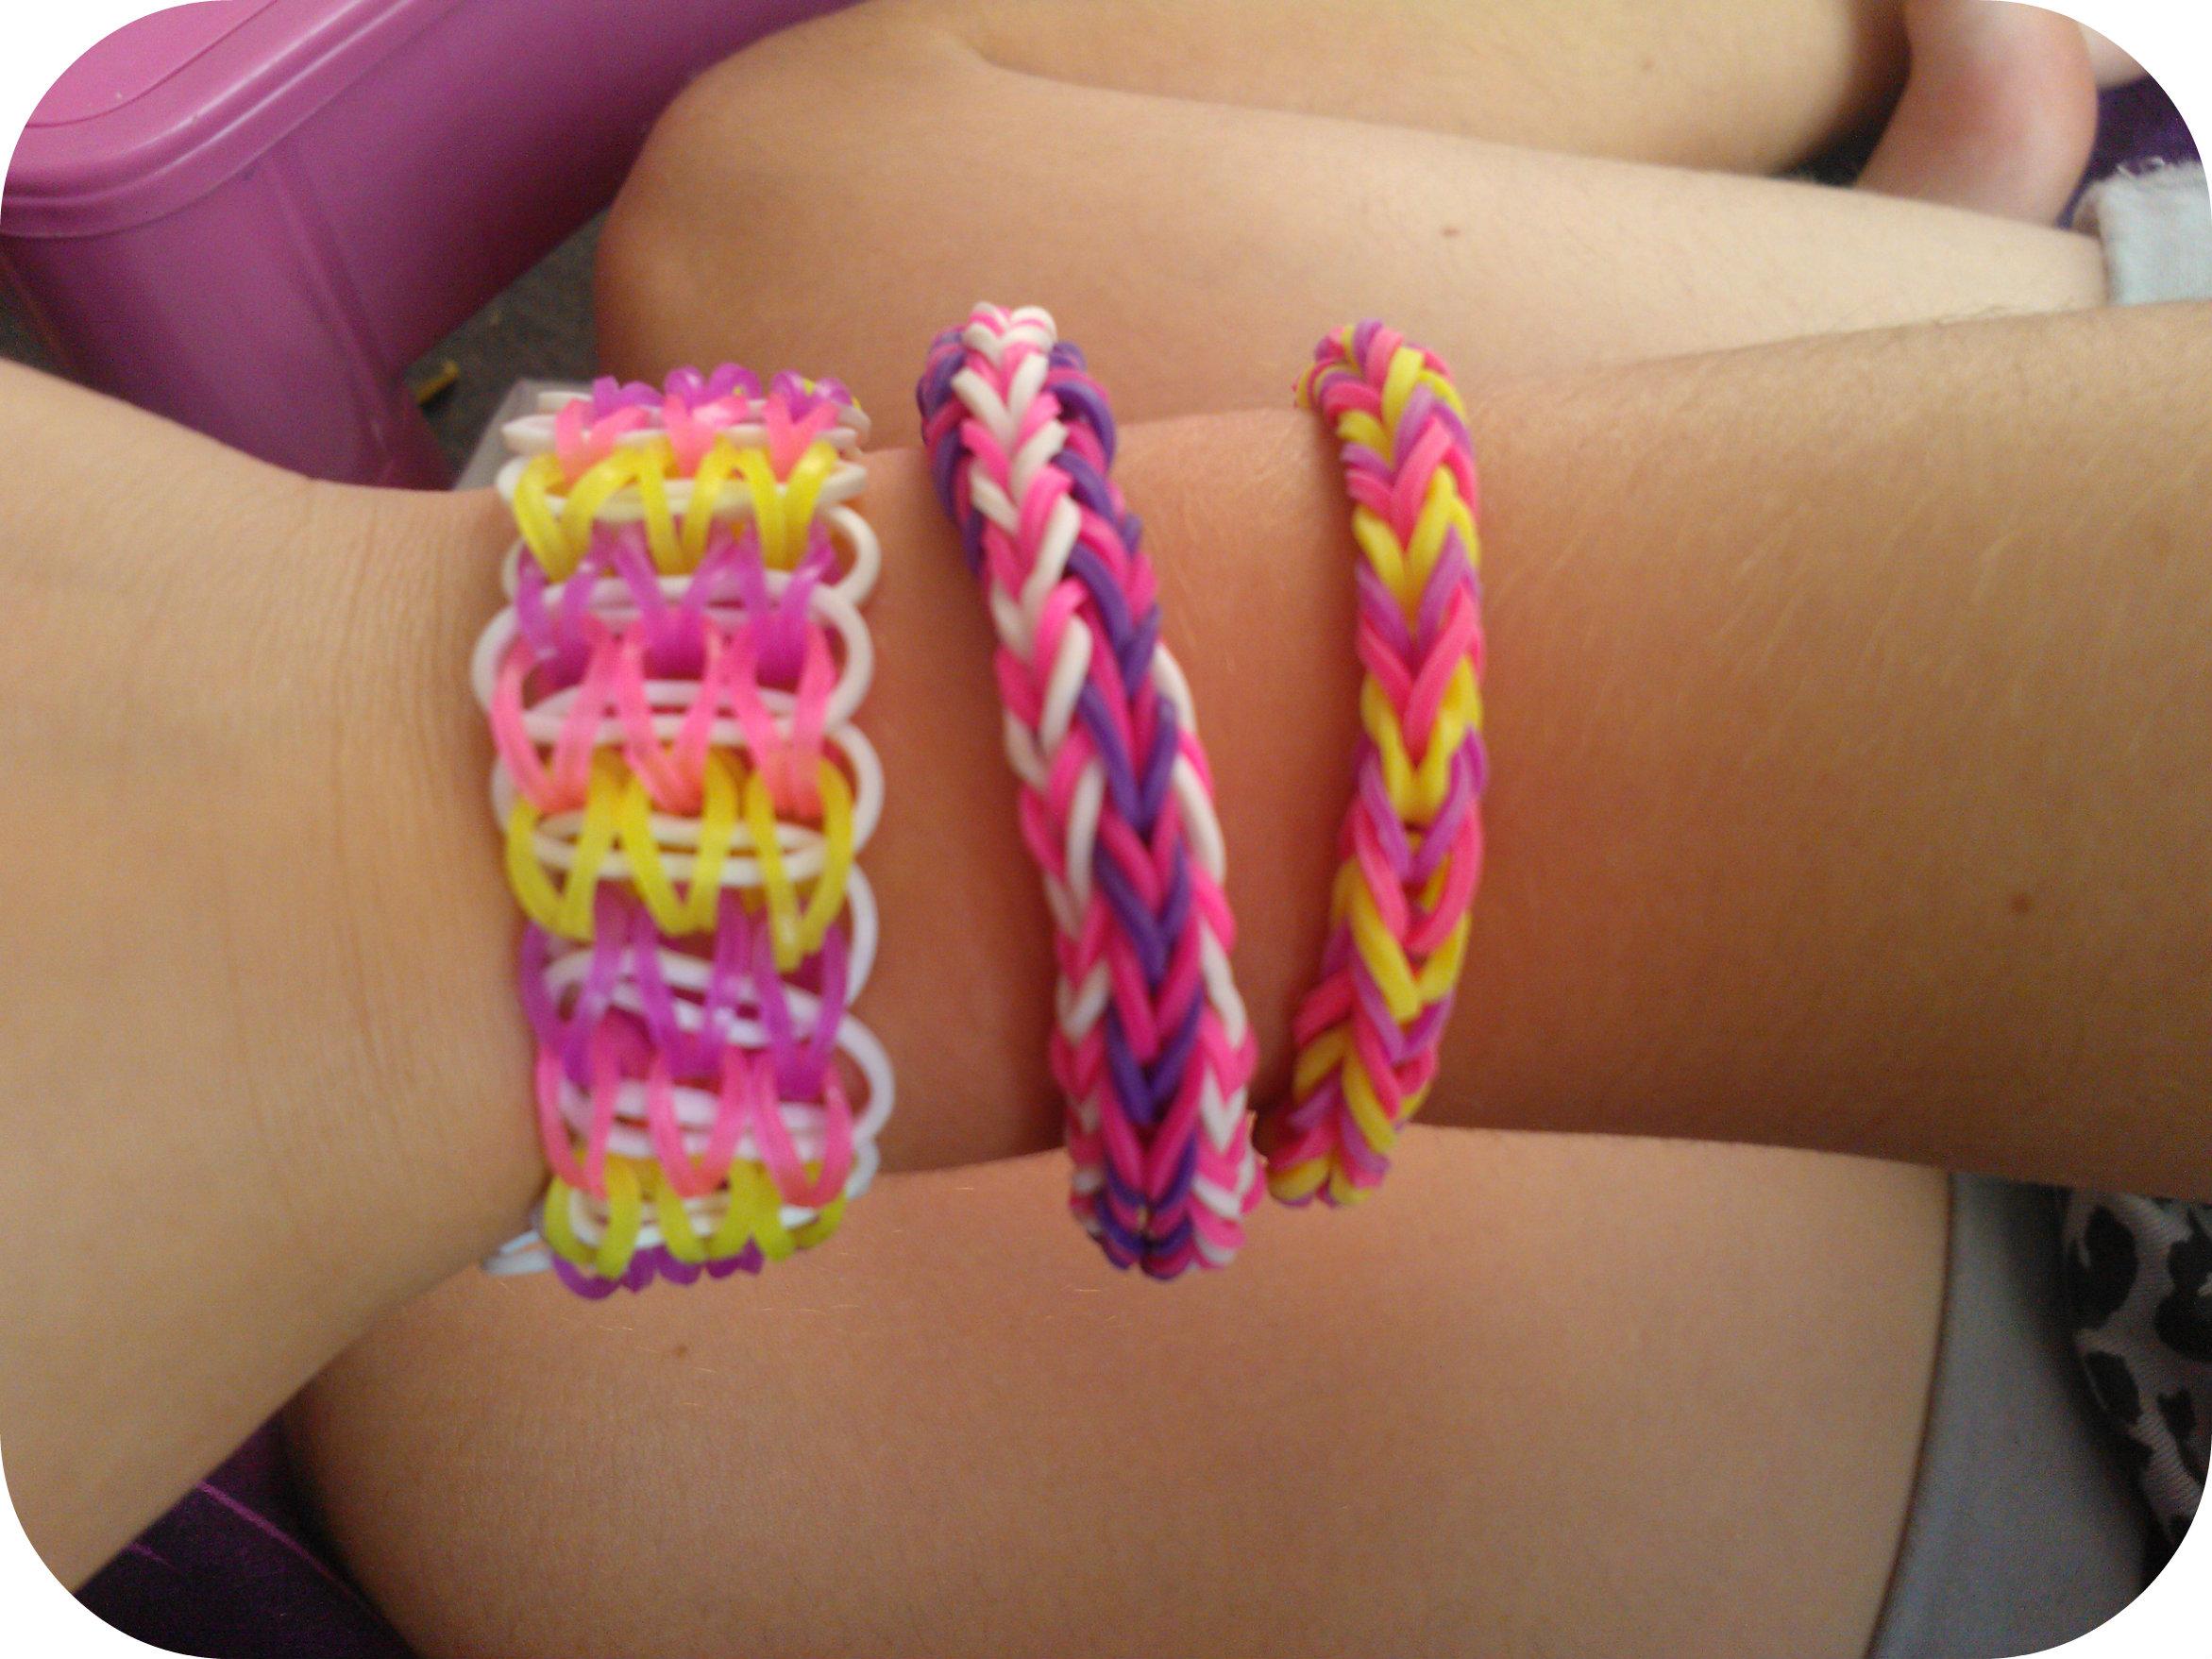 loom 6 Cra Z loom Bracelet Maker   Review